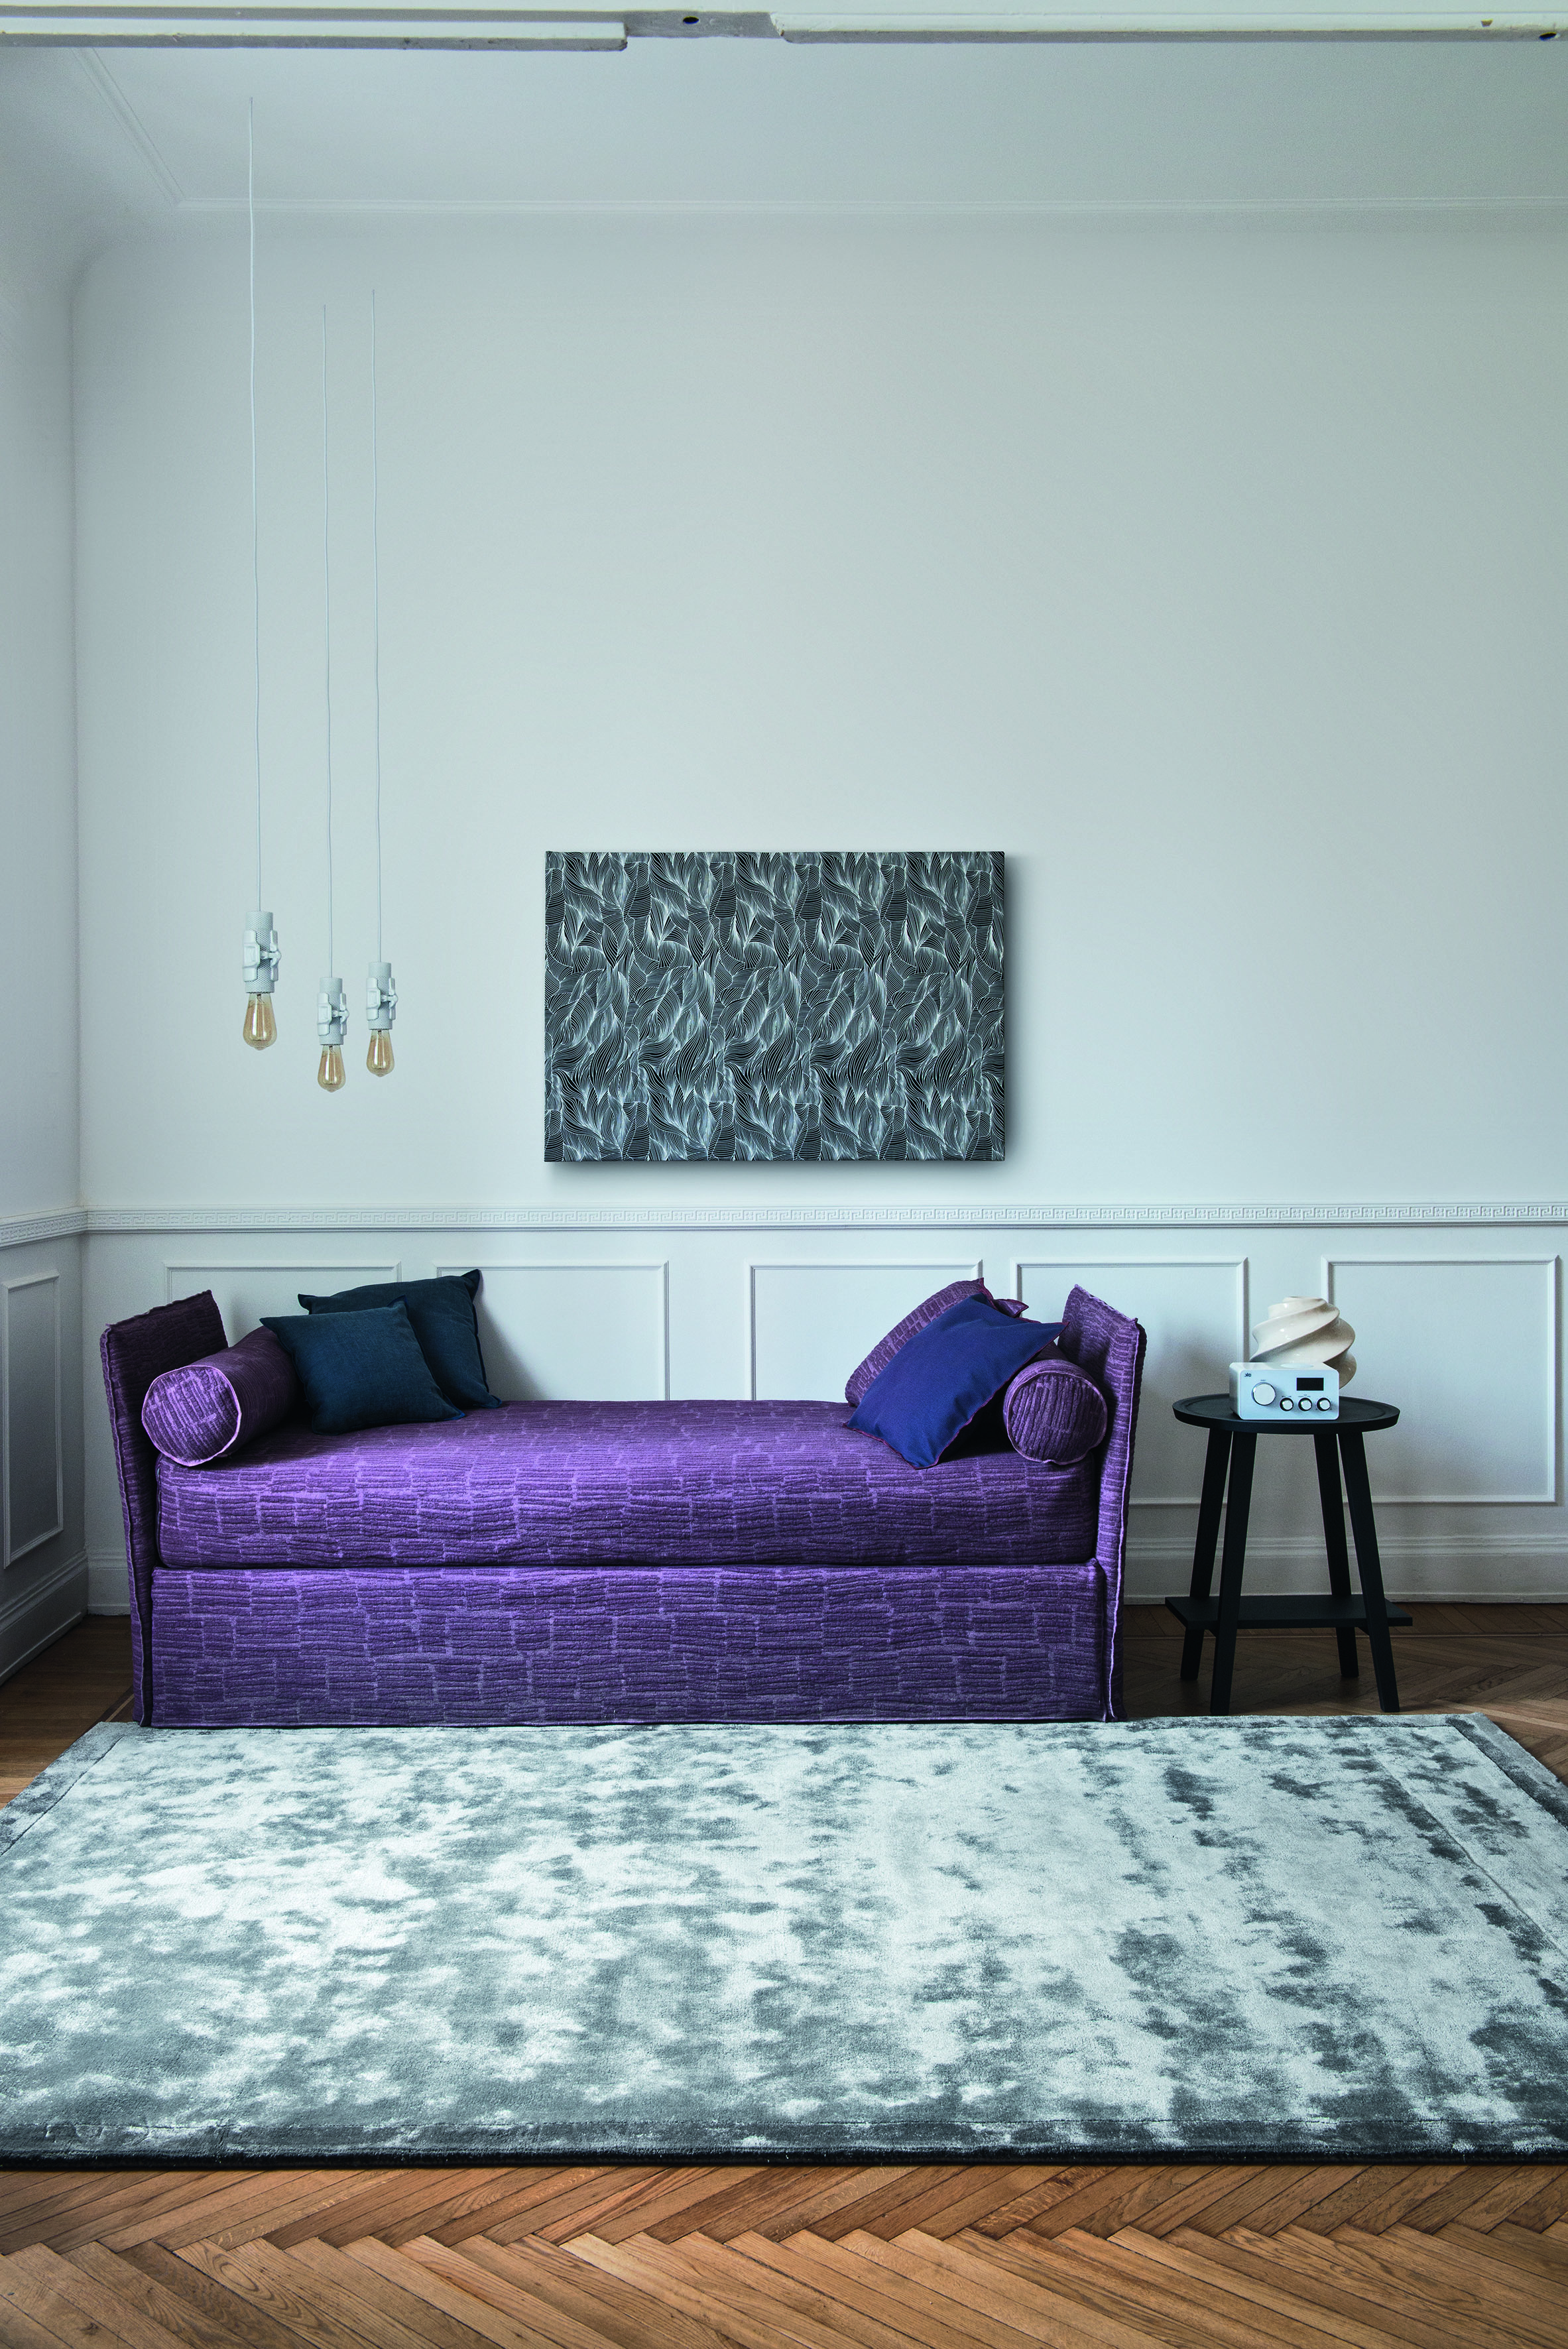 (צילום: פרנצ'סקה מוסקני, באדיבות פנטהאוז רהיטים - עיצוב פאולנה נבונה)